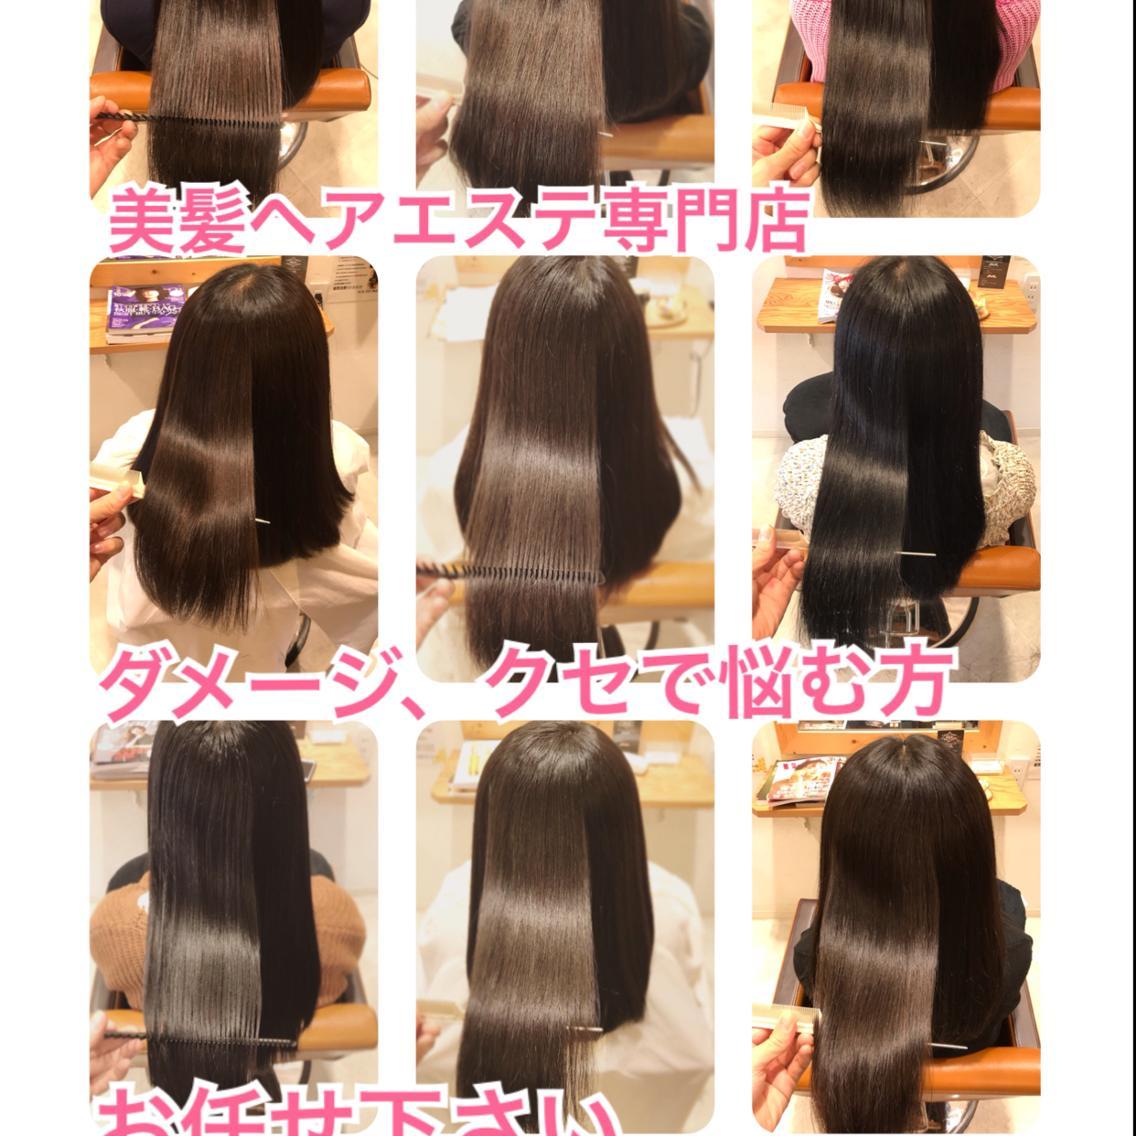 【髪質改善サロン】ツヤ髪専門美容師による髪質改善縮毛矯正、再生トリートメントをミニモ価格で提供します【京成船橋競馬場駅徒歩3分】